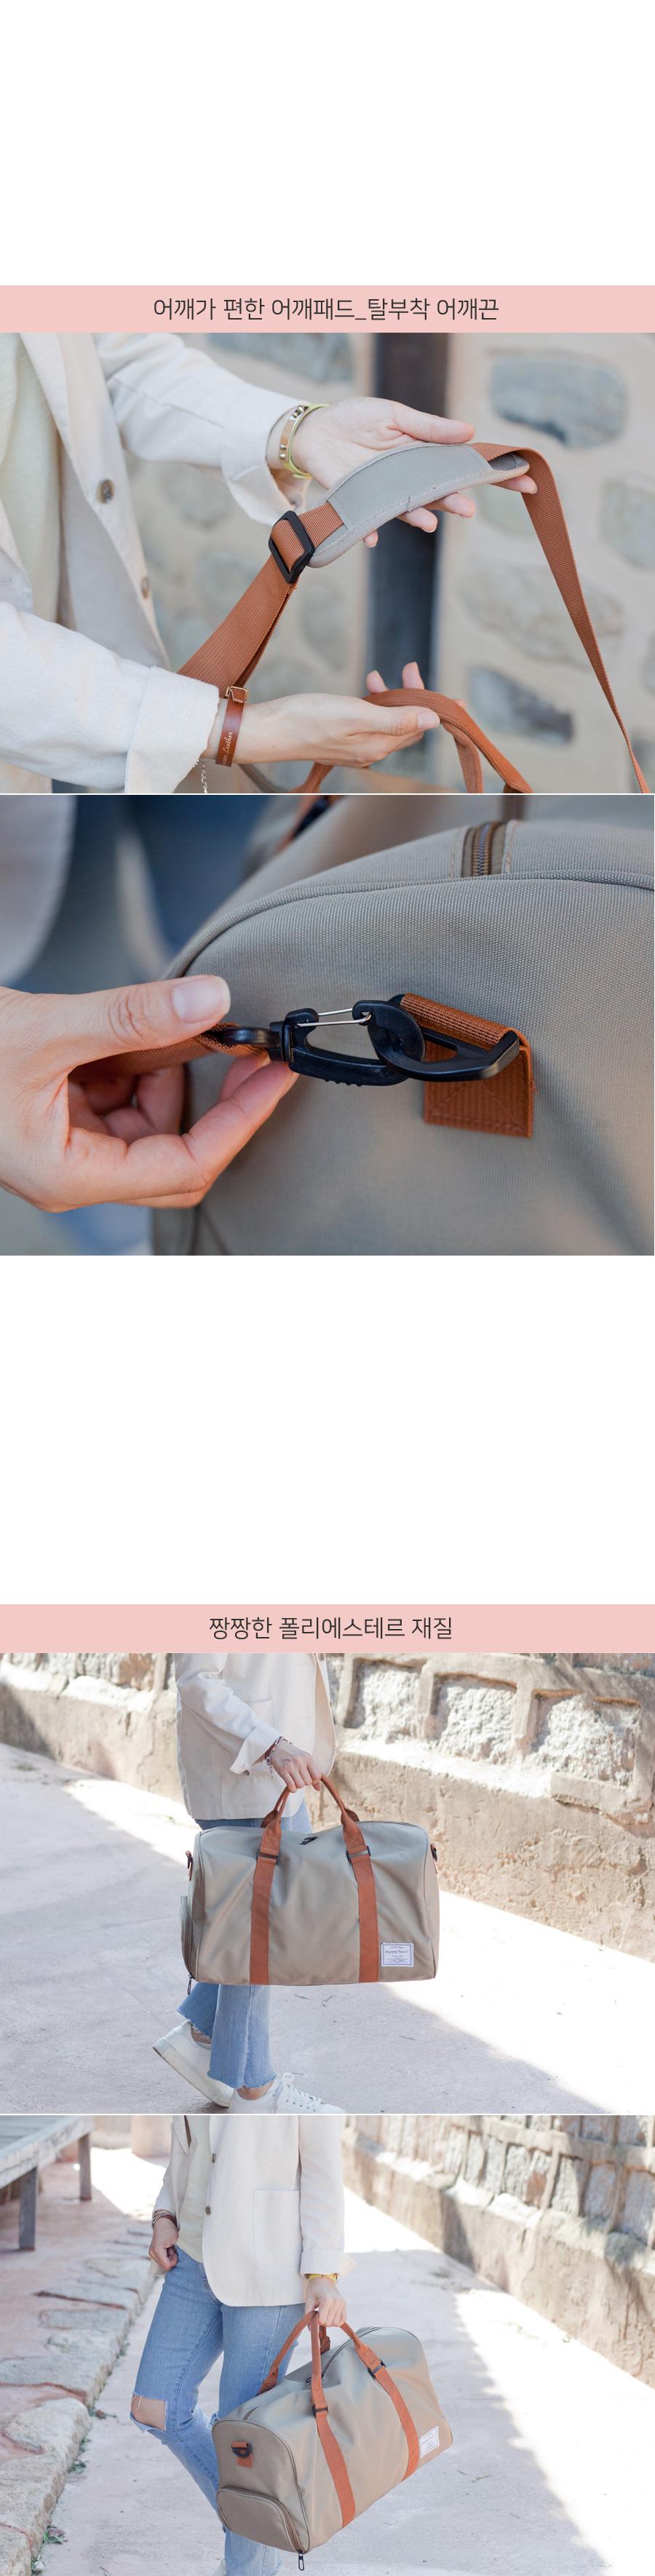 남자여자 겸용 여행용 더플백 무지디자인 보스턴백 - 비바시스터, 29,000원, 크로스/숄더백, 토트백/맨스백